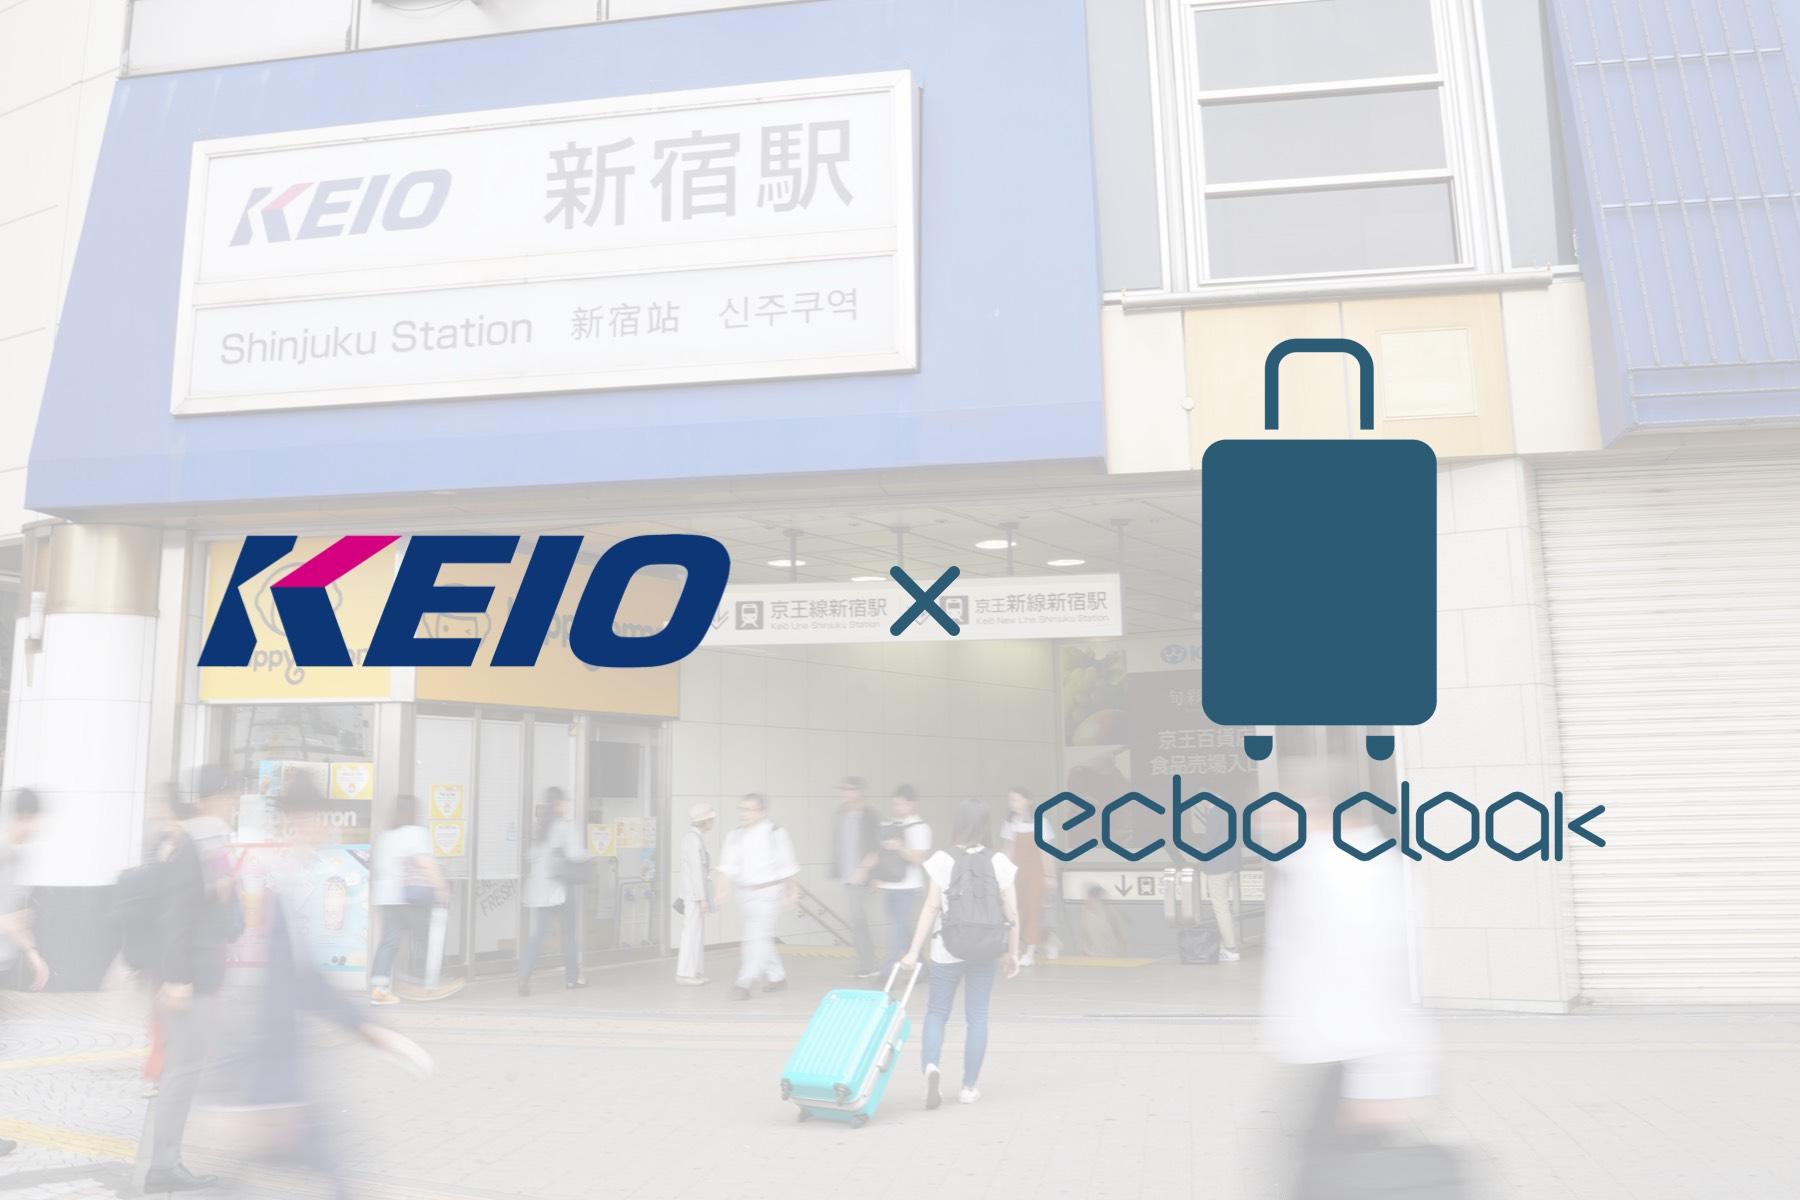 [新宿駅南口] 京王線新宿駅すぐの施設に予約OKの手荷物預かり所 ecbo cloakが提携